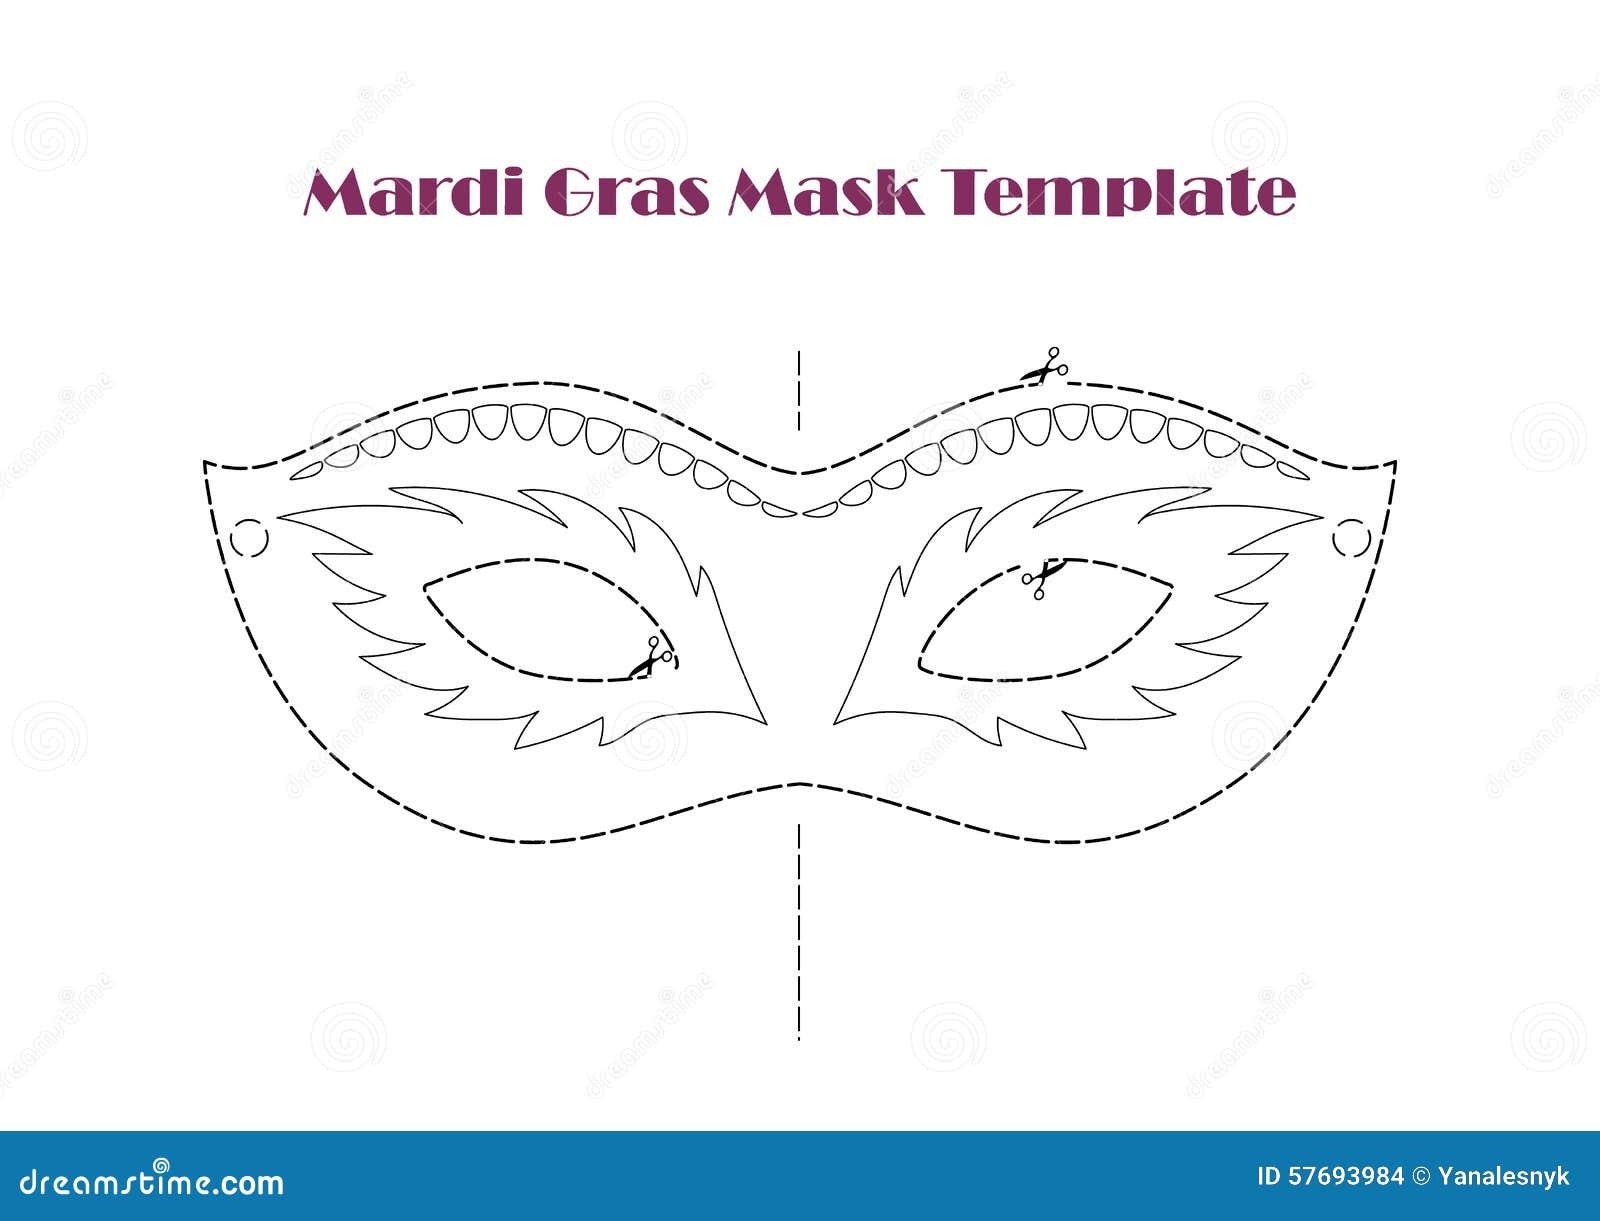 Schön Kostenlose Druckbare Maskenvorlagen Ideen - Entry Level Resume ...